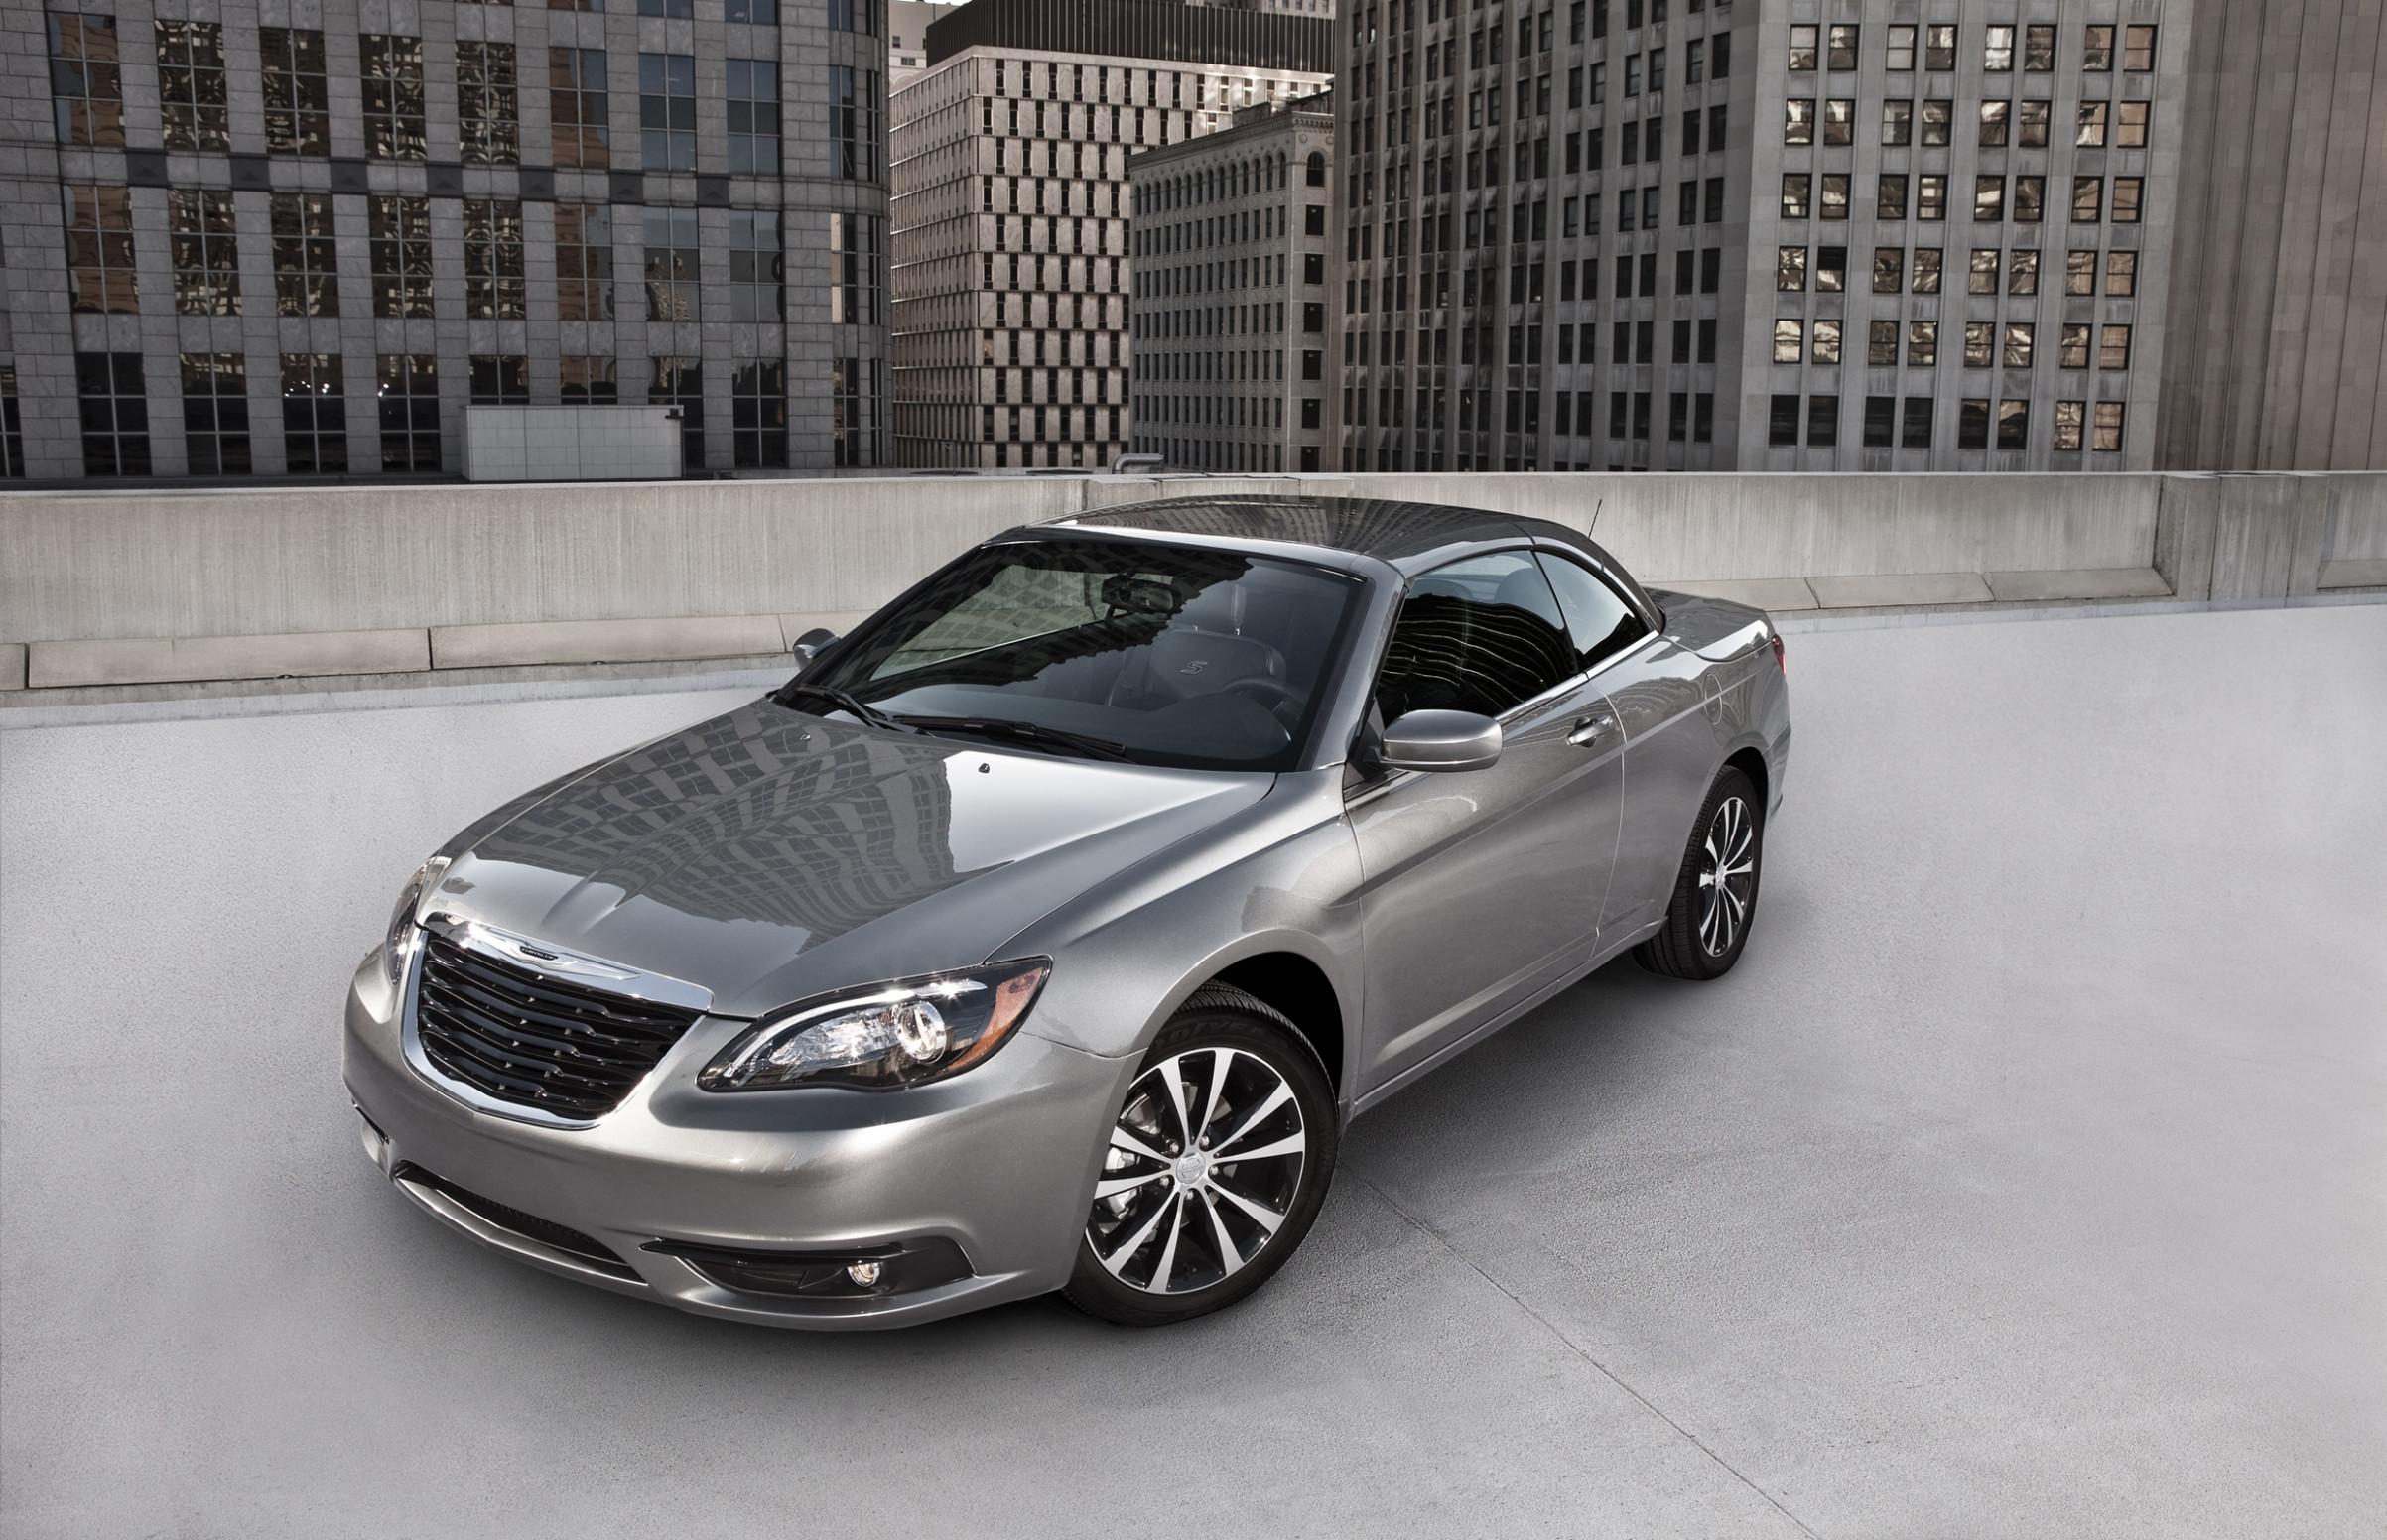 Interior 2022 Chrysler 200 Convertible